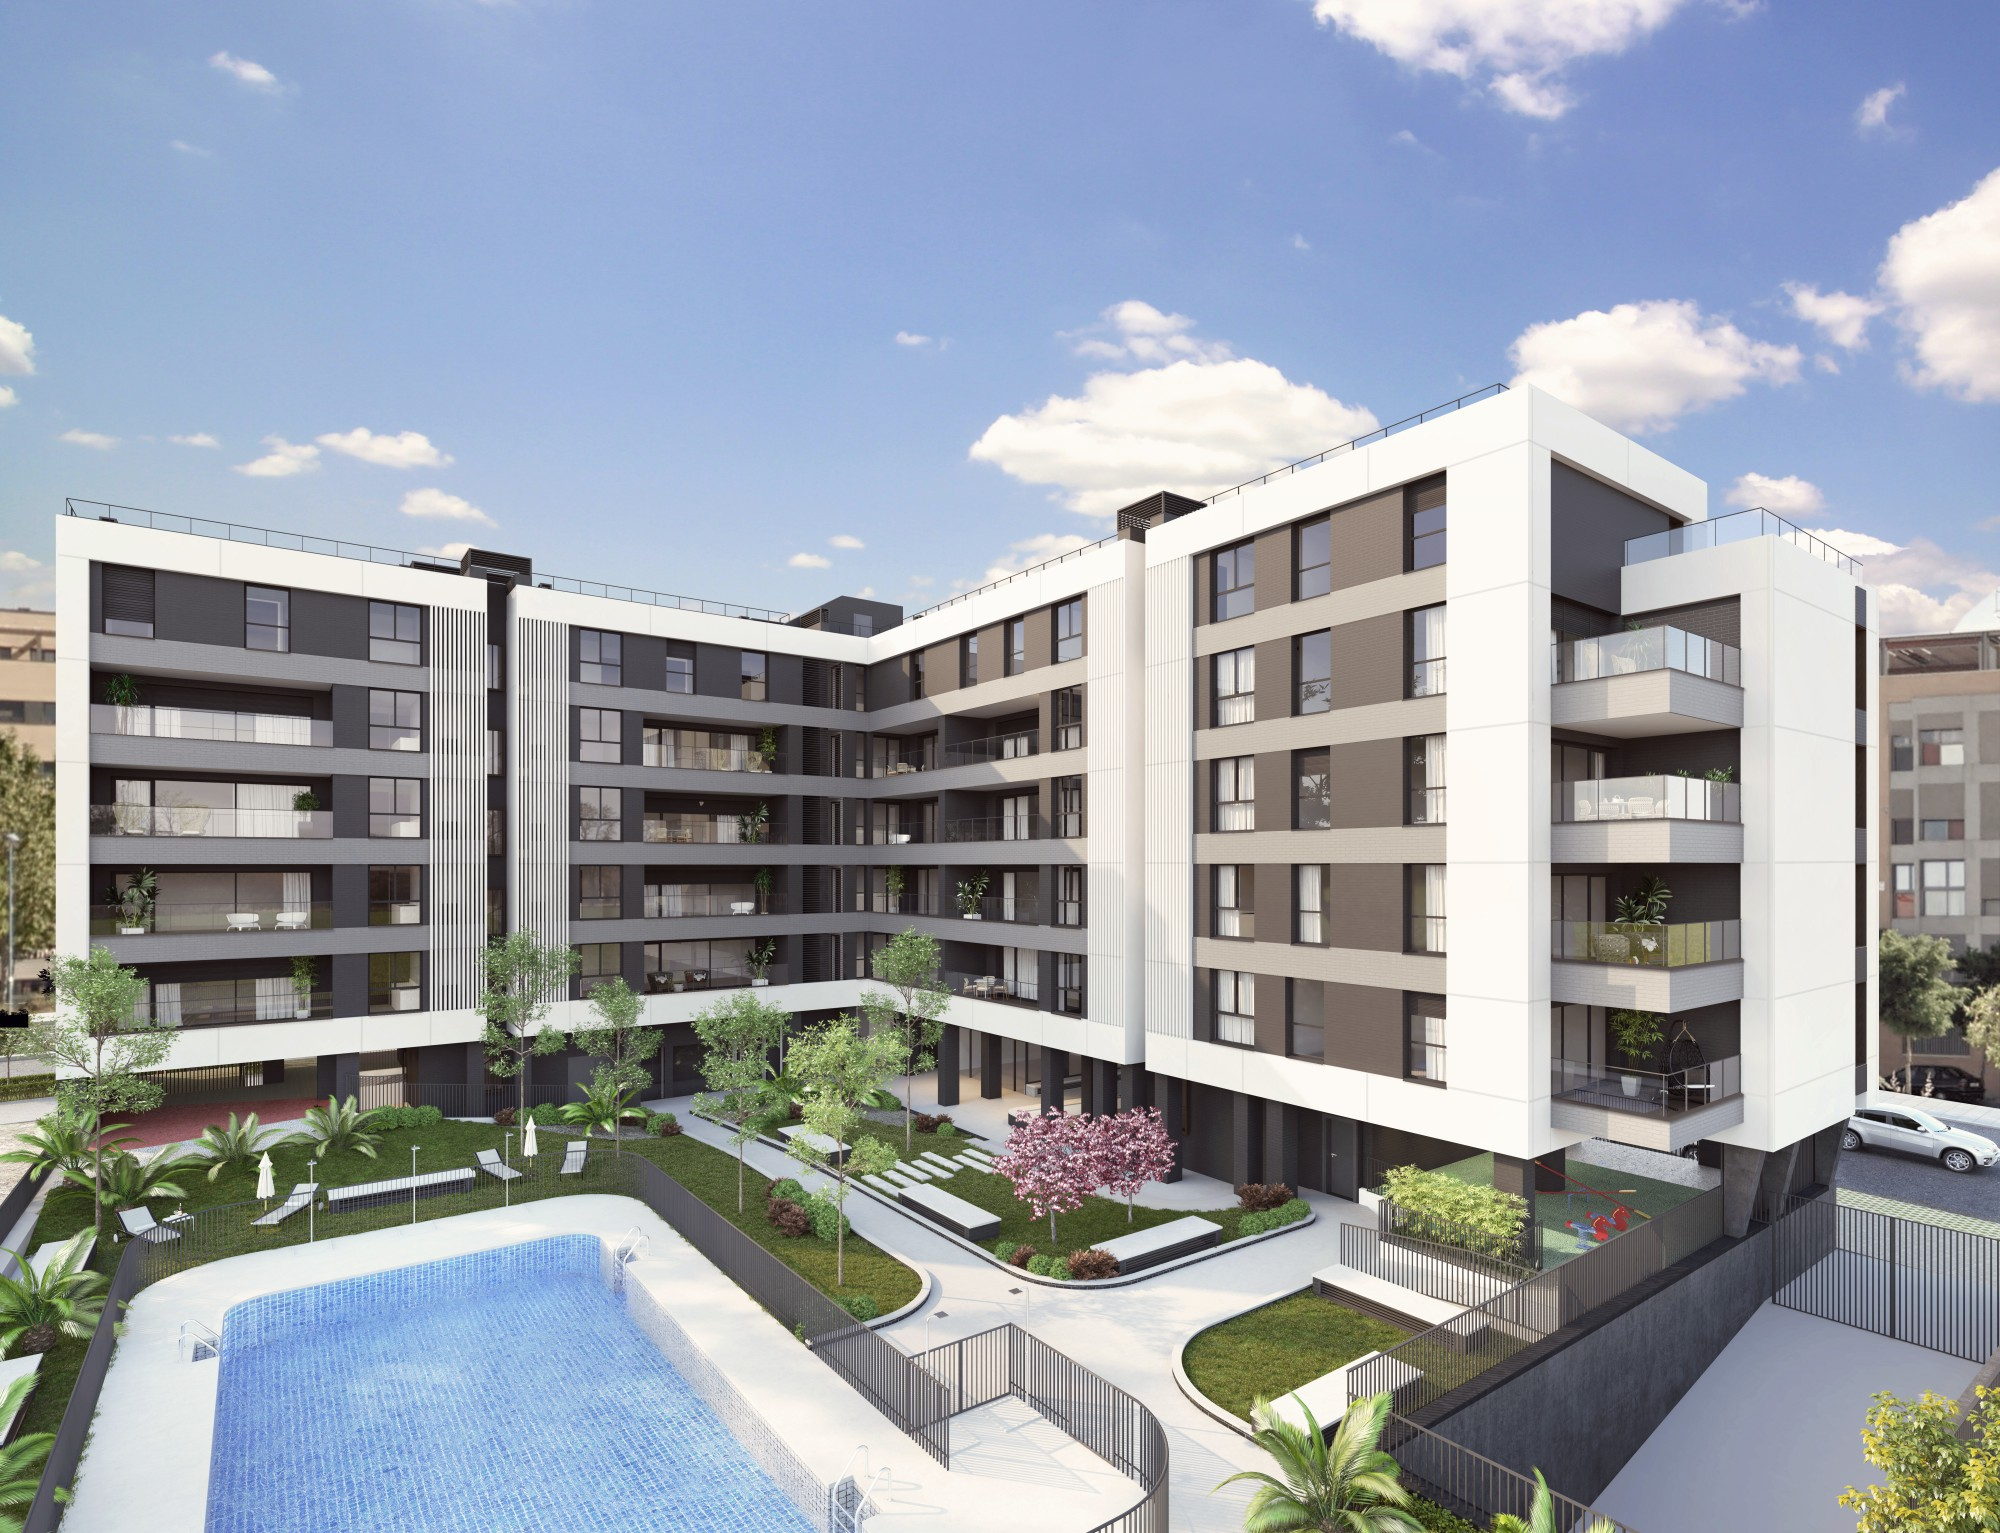 8a244469e0 Vía Célere saca a la venta su nueva promoción  así son las viviendas que  construirá en Leganés — idealista news